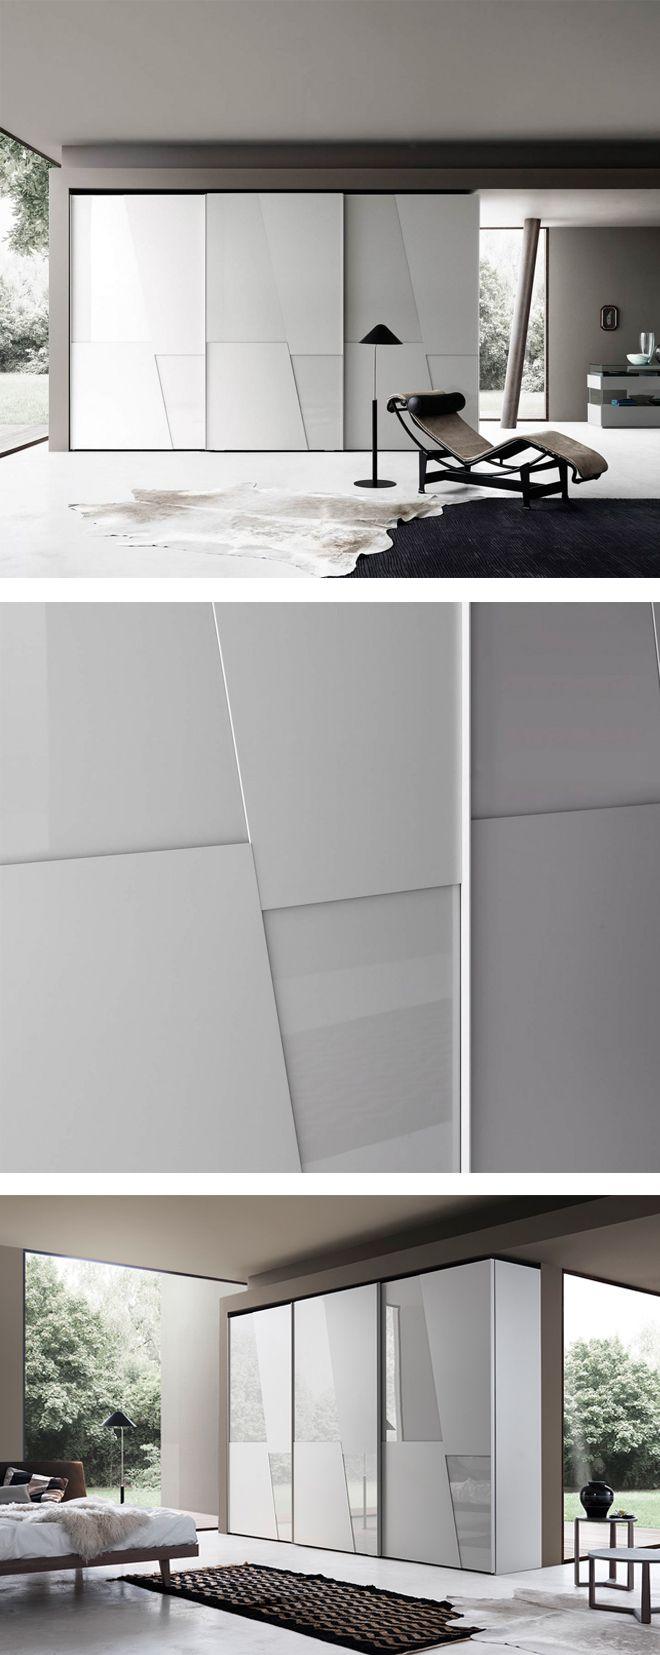 Stunning Livitalia Kleiderschrank Diagonal Schiebet ren